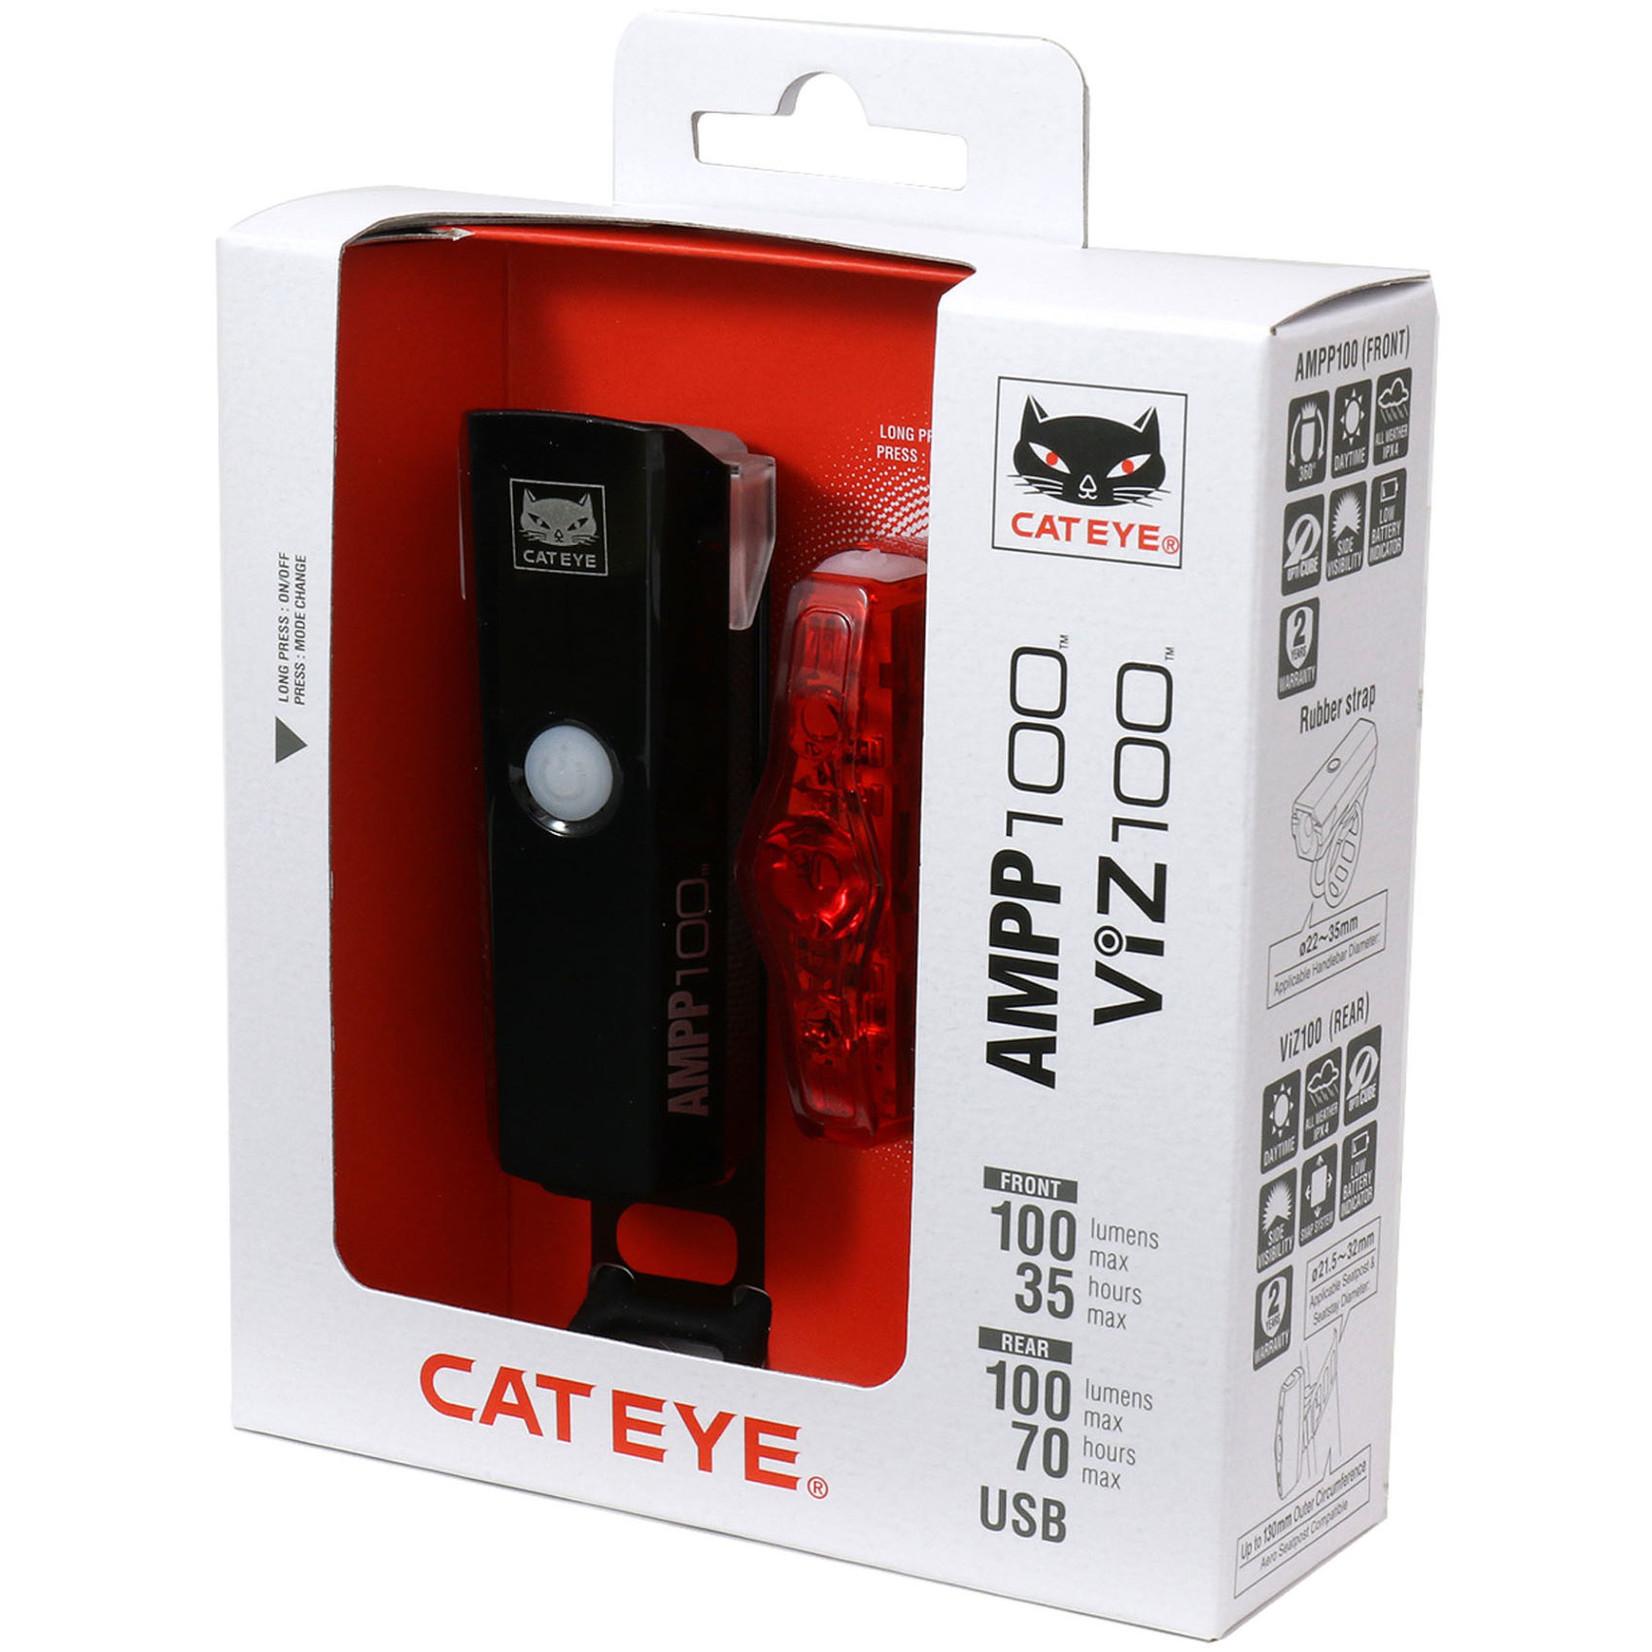 Cateye CATEYE AMPP 100/VIZ 100 LIGHTSET